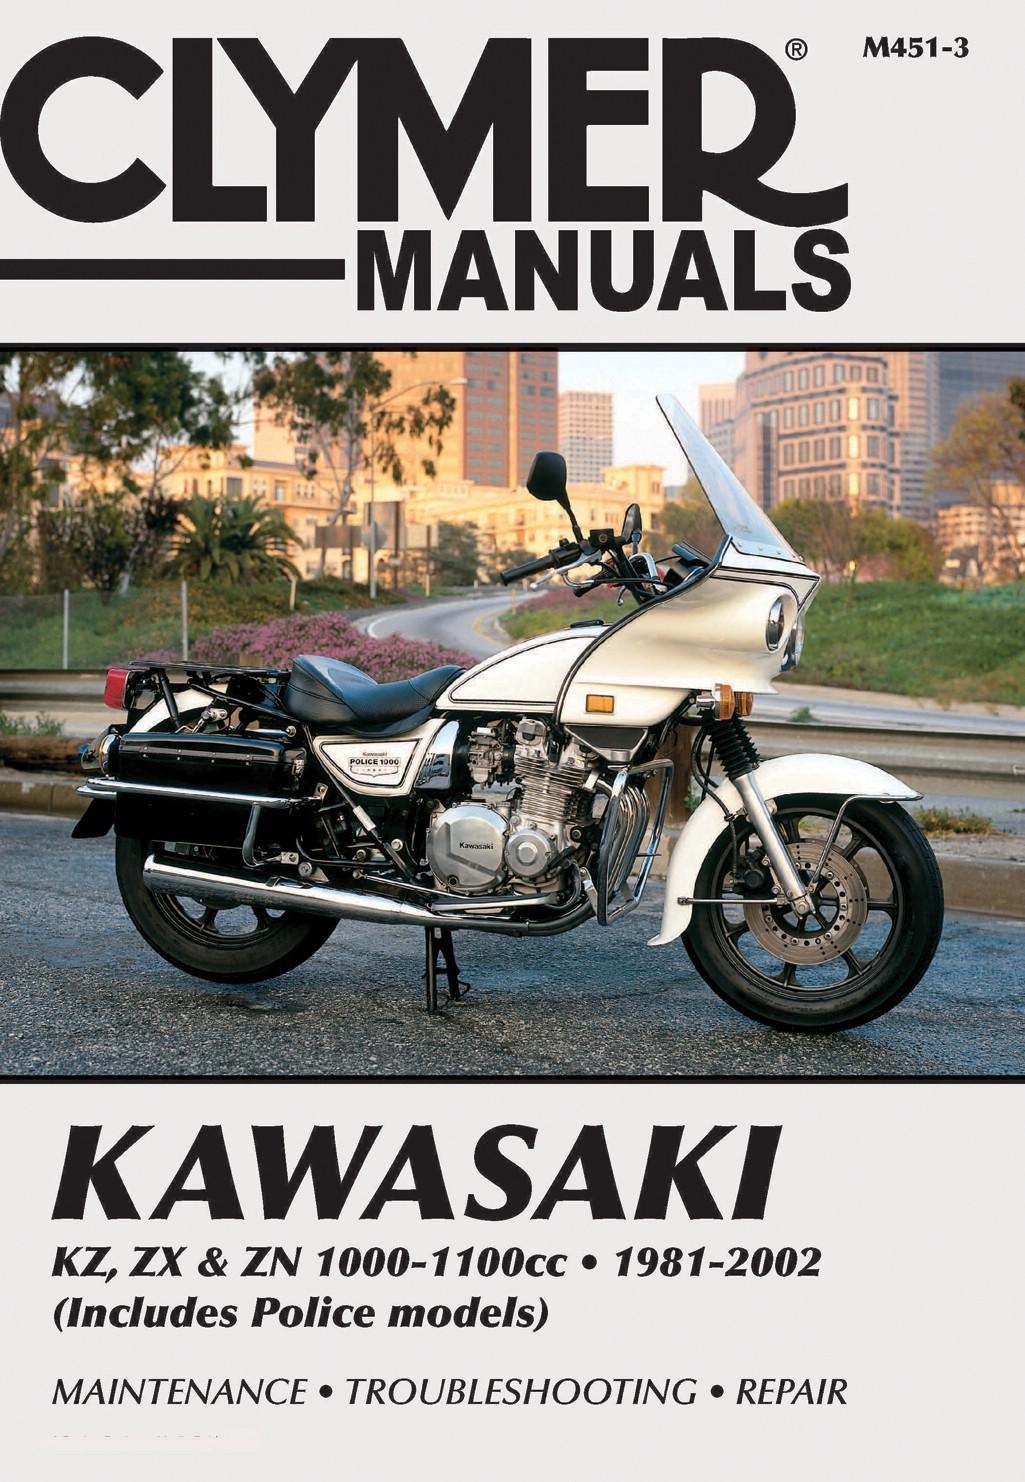 kawasaki gpz 1100 zx1100a 1983 1985 manuals clymer each ebay rh ebay co uk kawasaki gpz 1100 workshop manual free download kawasaki gpz 1100 manual download